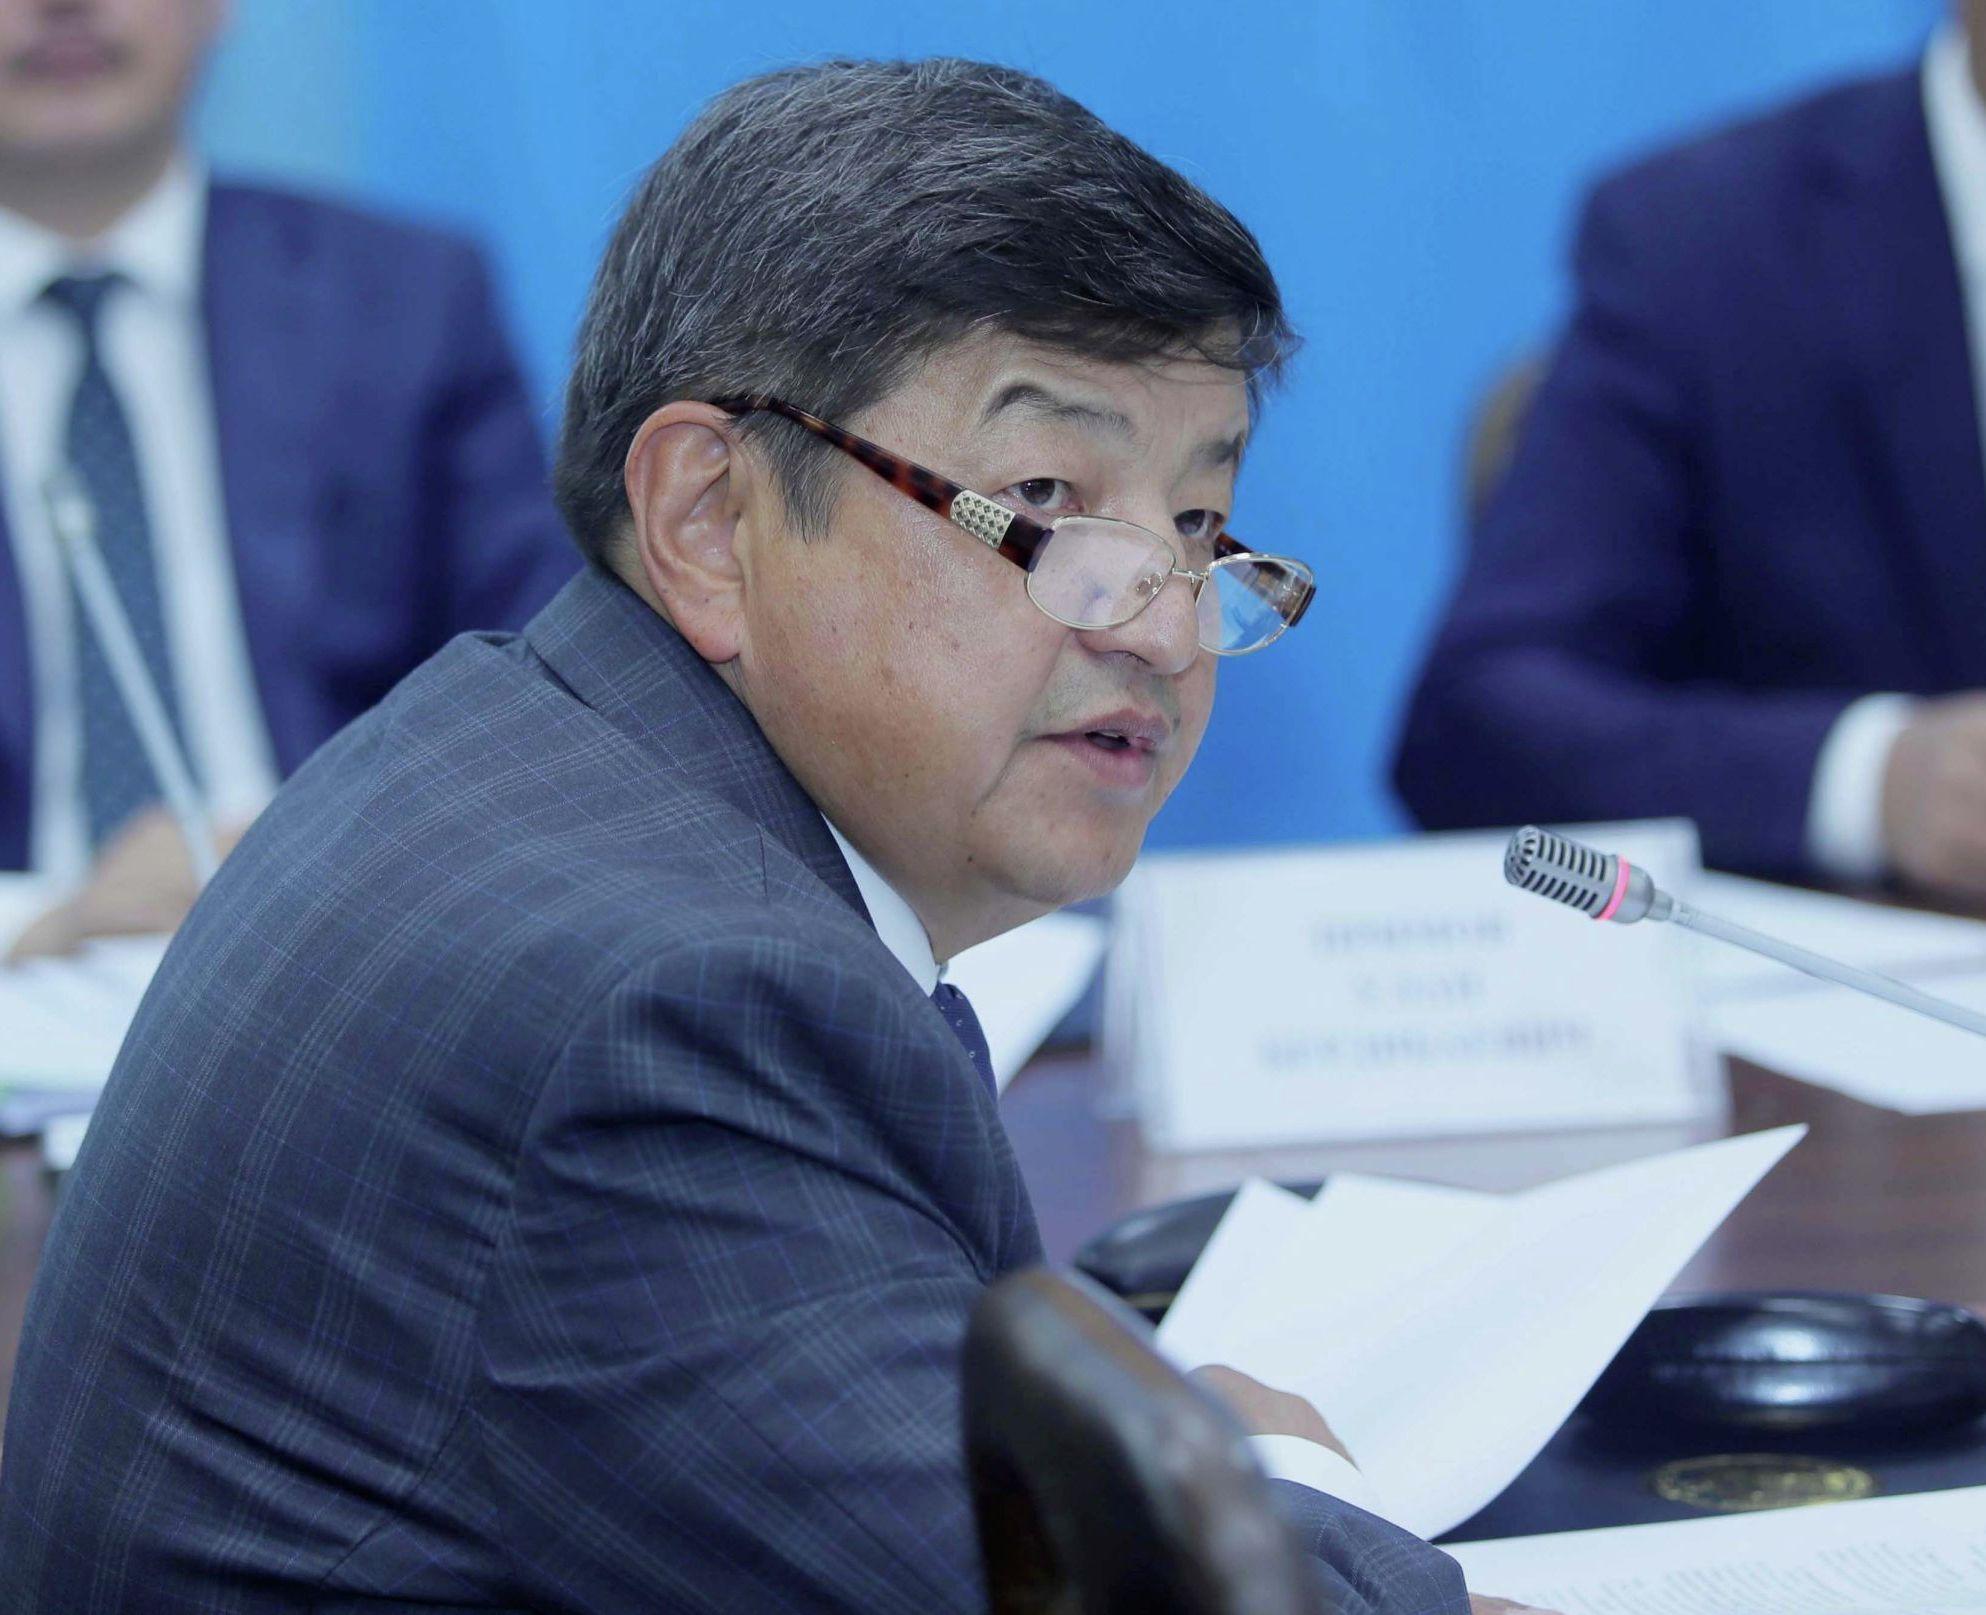 Депутат Акылбек Жапаров на заседании Комитета по бюджету и финансам 18 мая 2020 года